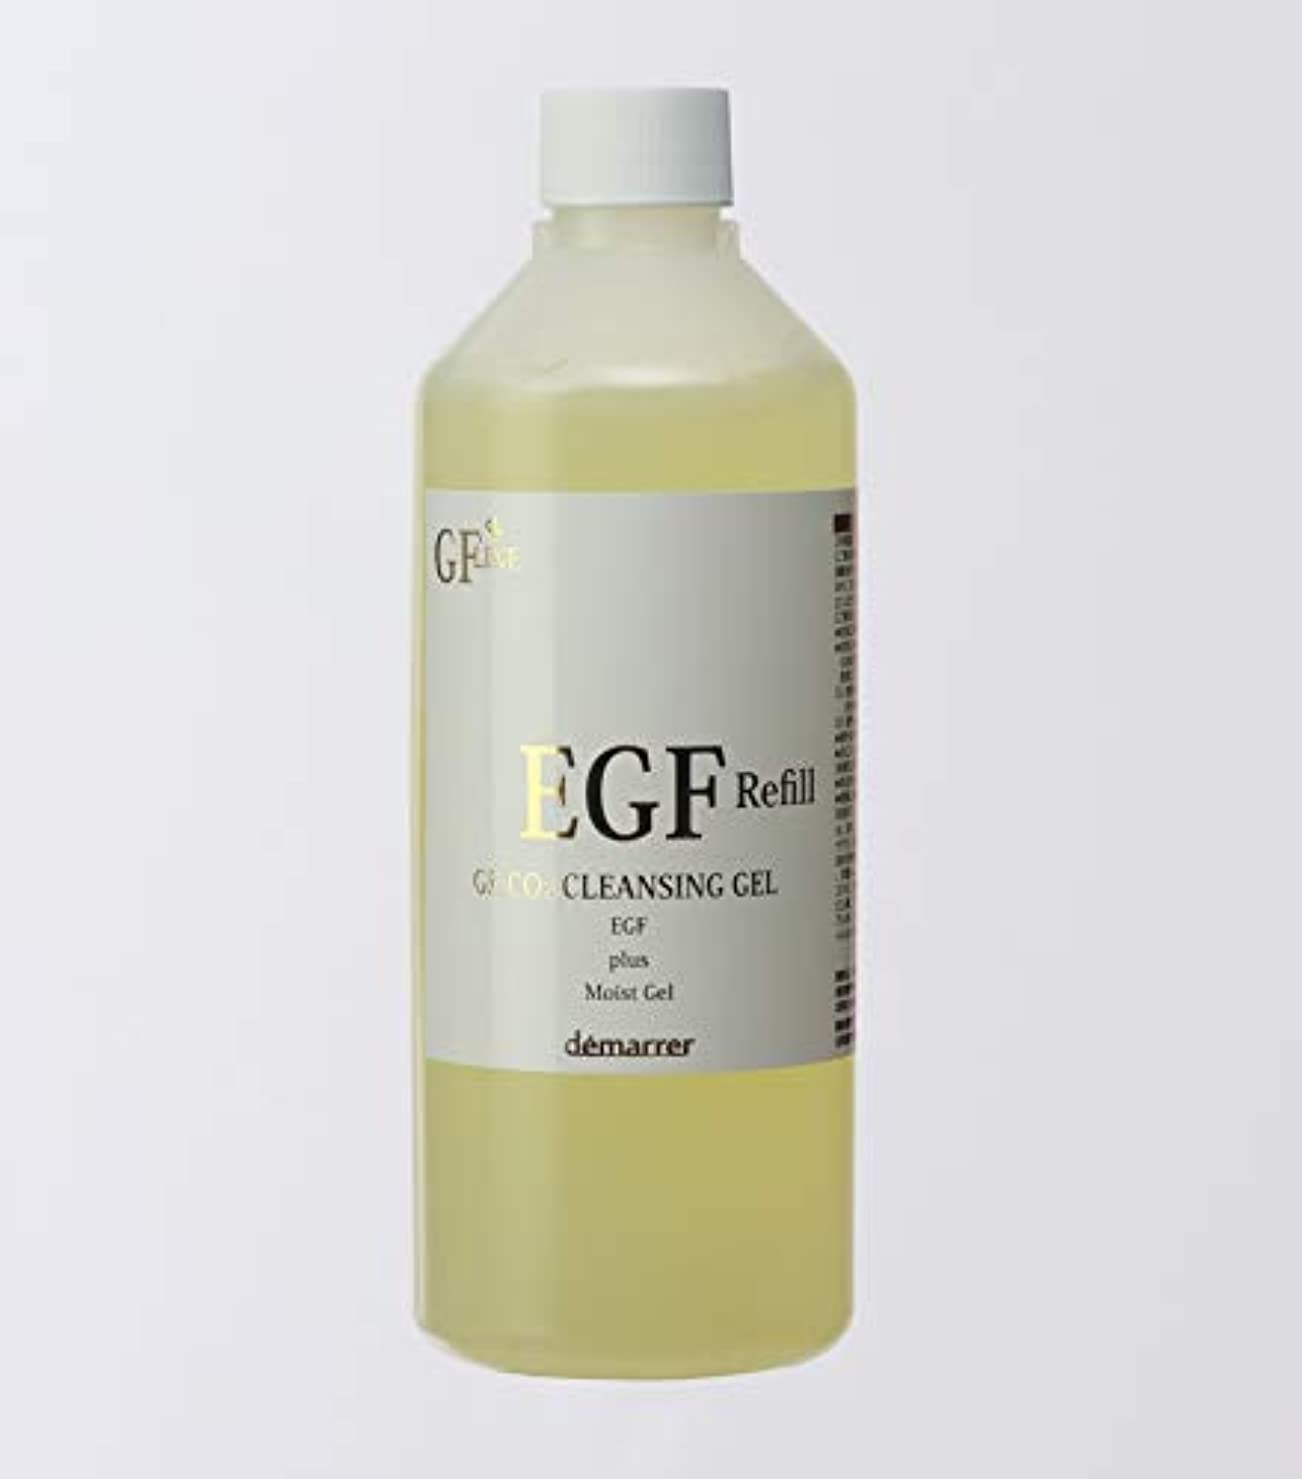 嬉しいですタンザニア管理者デマレ GF 炭酸洗顔クレンジング 400g レフィル